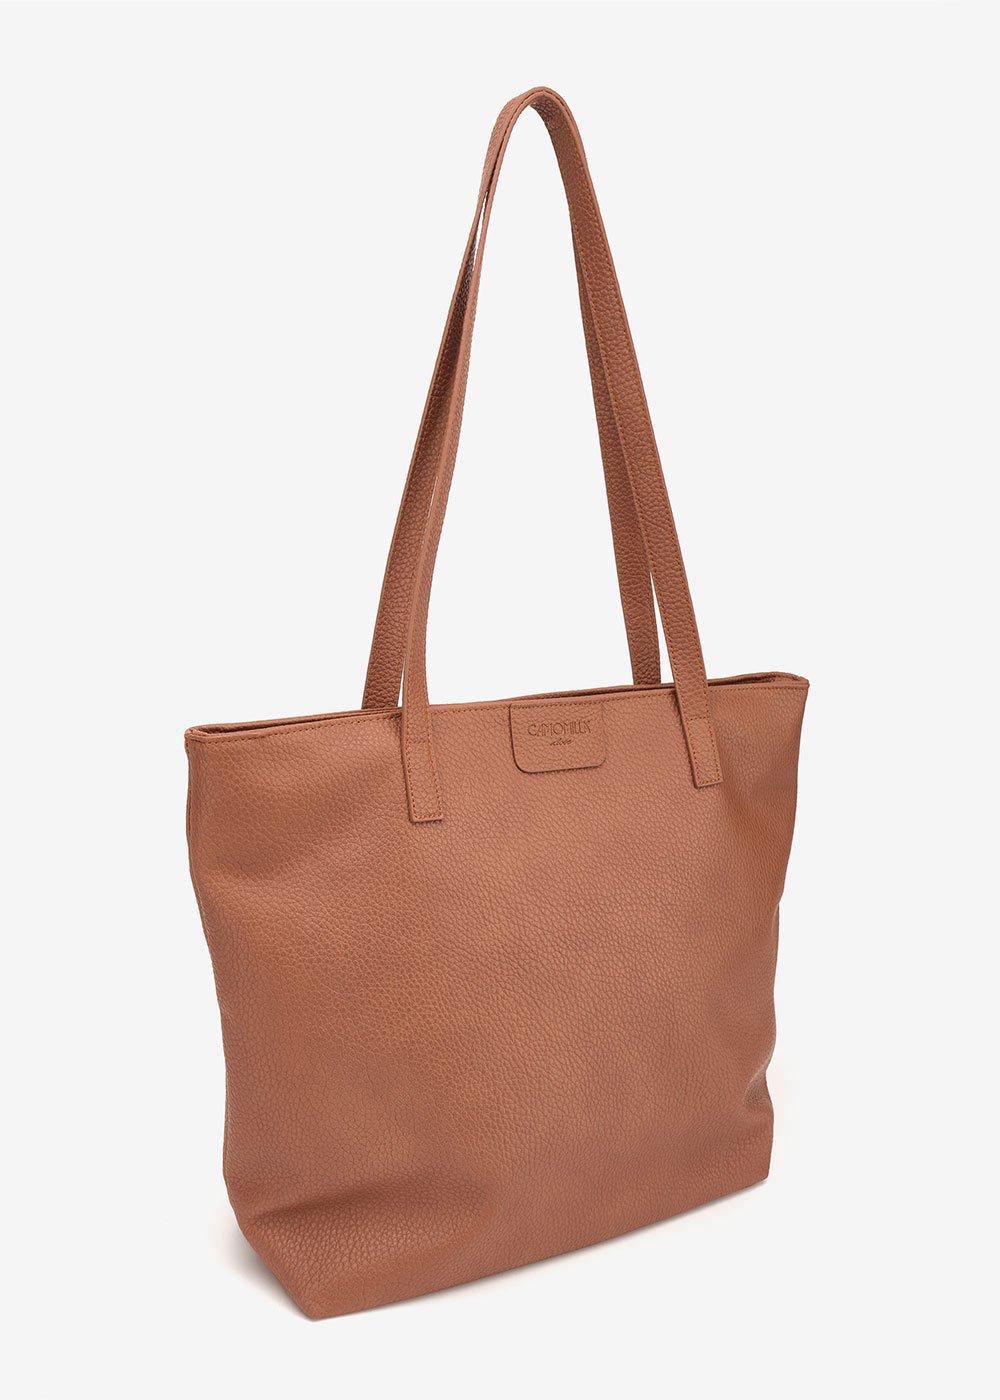 Shopping bag Badiascer stampa cervo - Miele - Donna